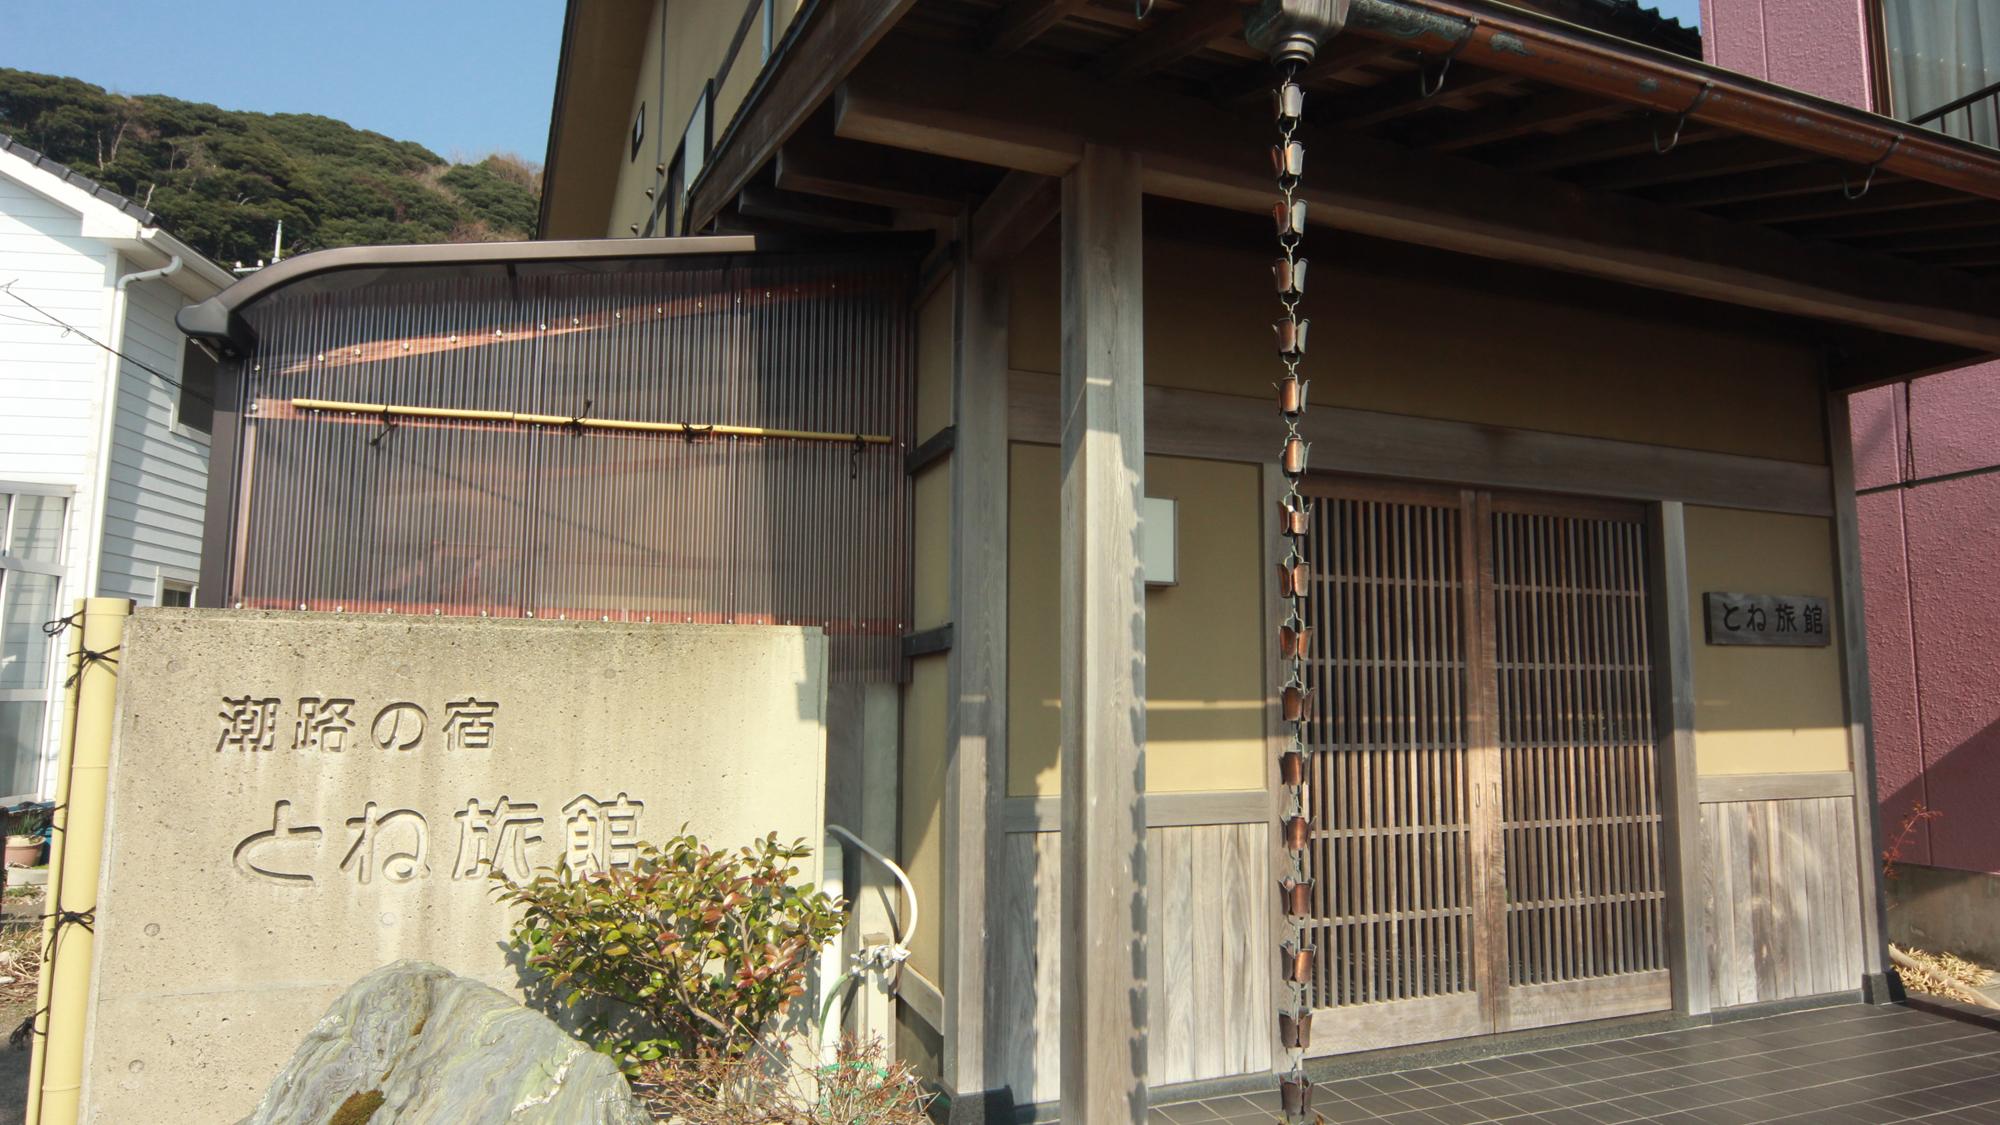 若狭小川 潮路の宿 とね旅館